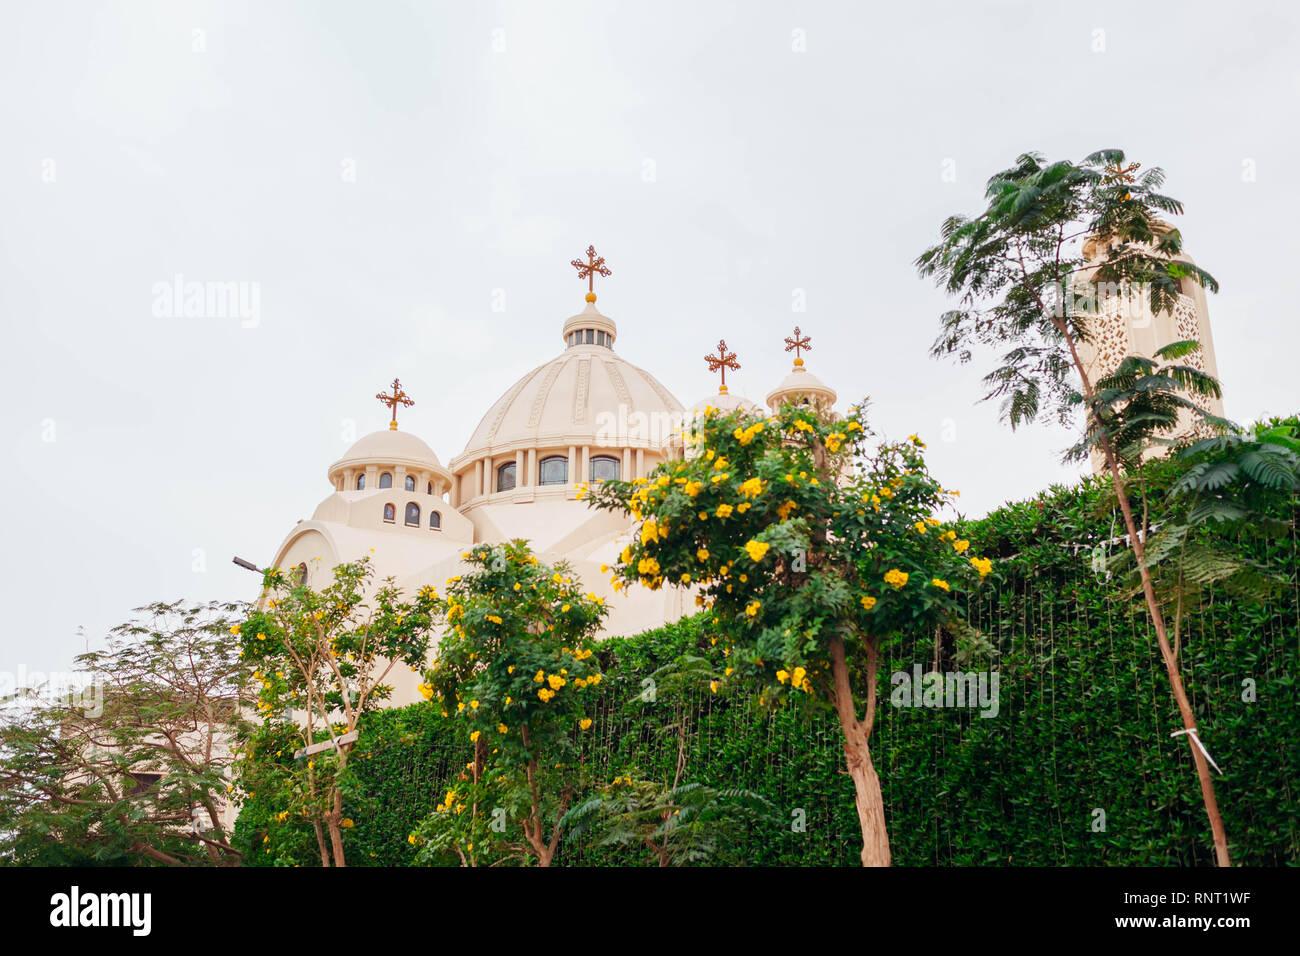 Christian Chiesa Ortodossa Copta in Sharm El-Sheikh, Egitto. Esterno sulla giornata piovosa circondato con alberi Foto Stock